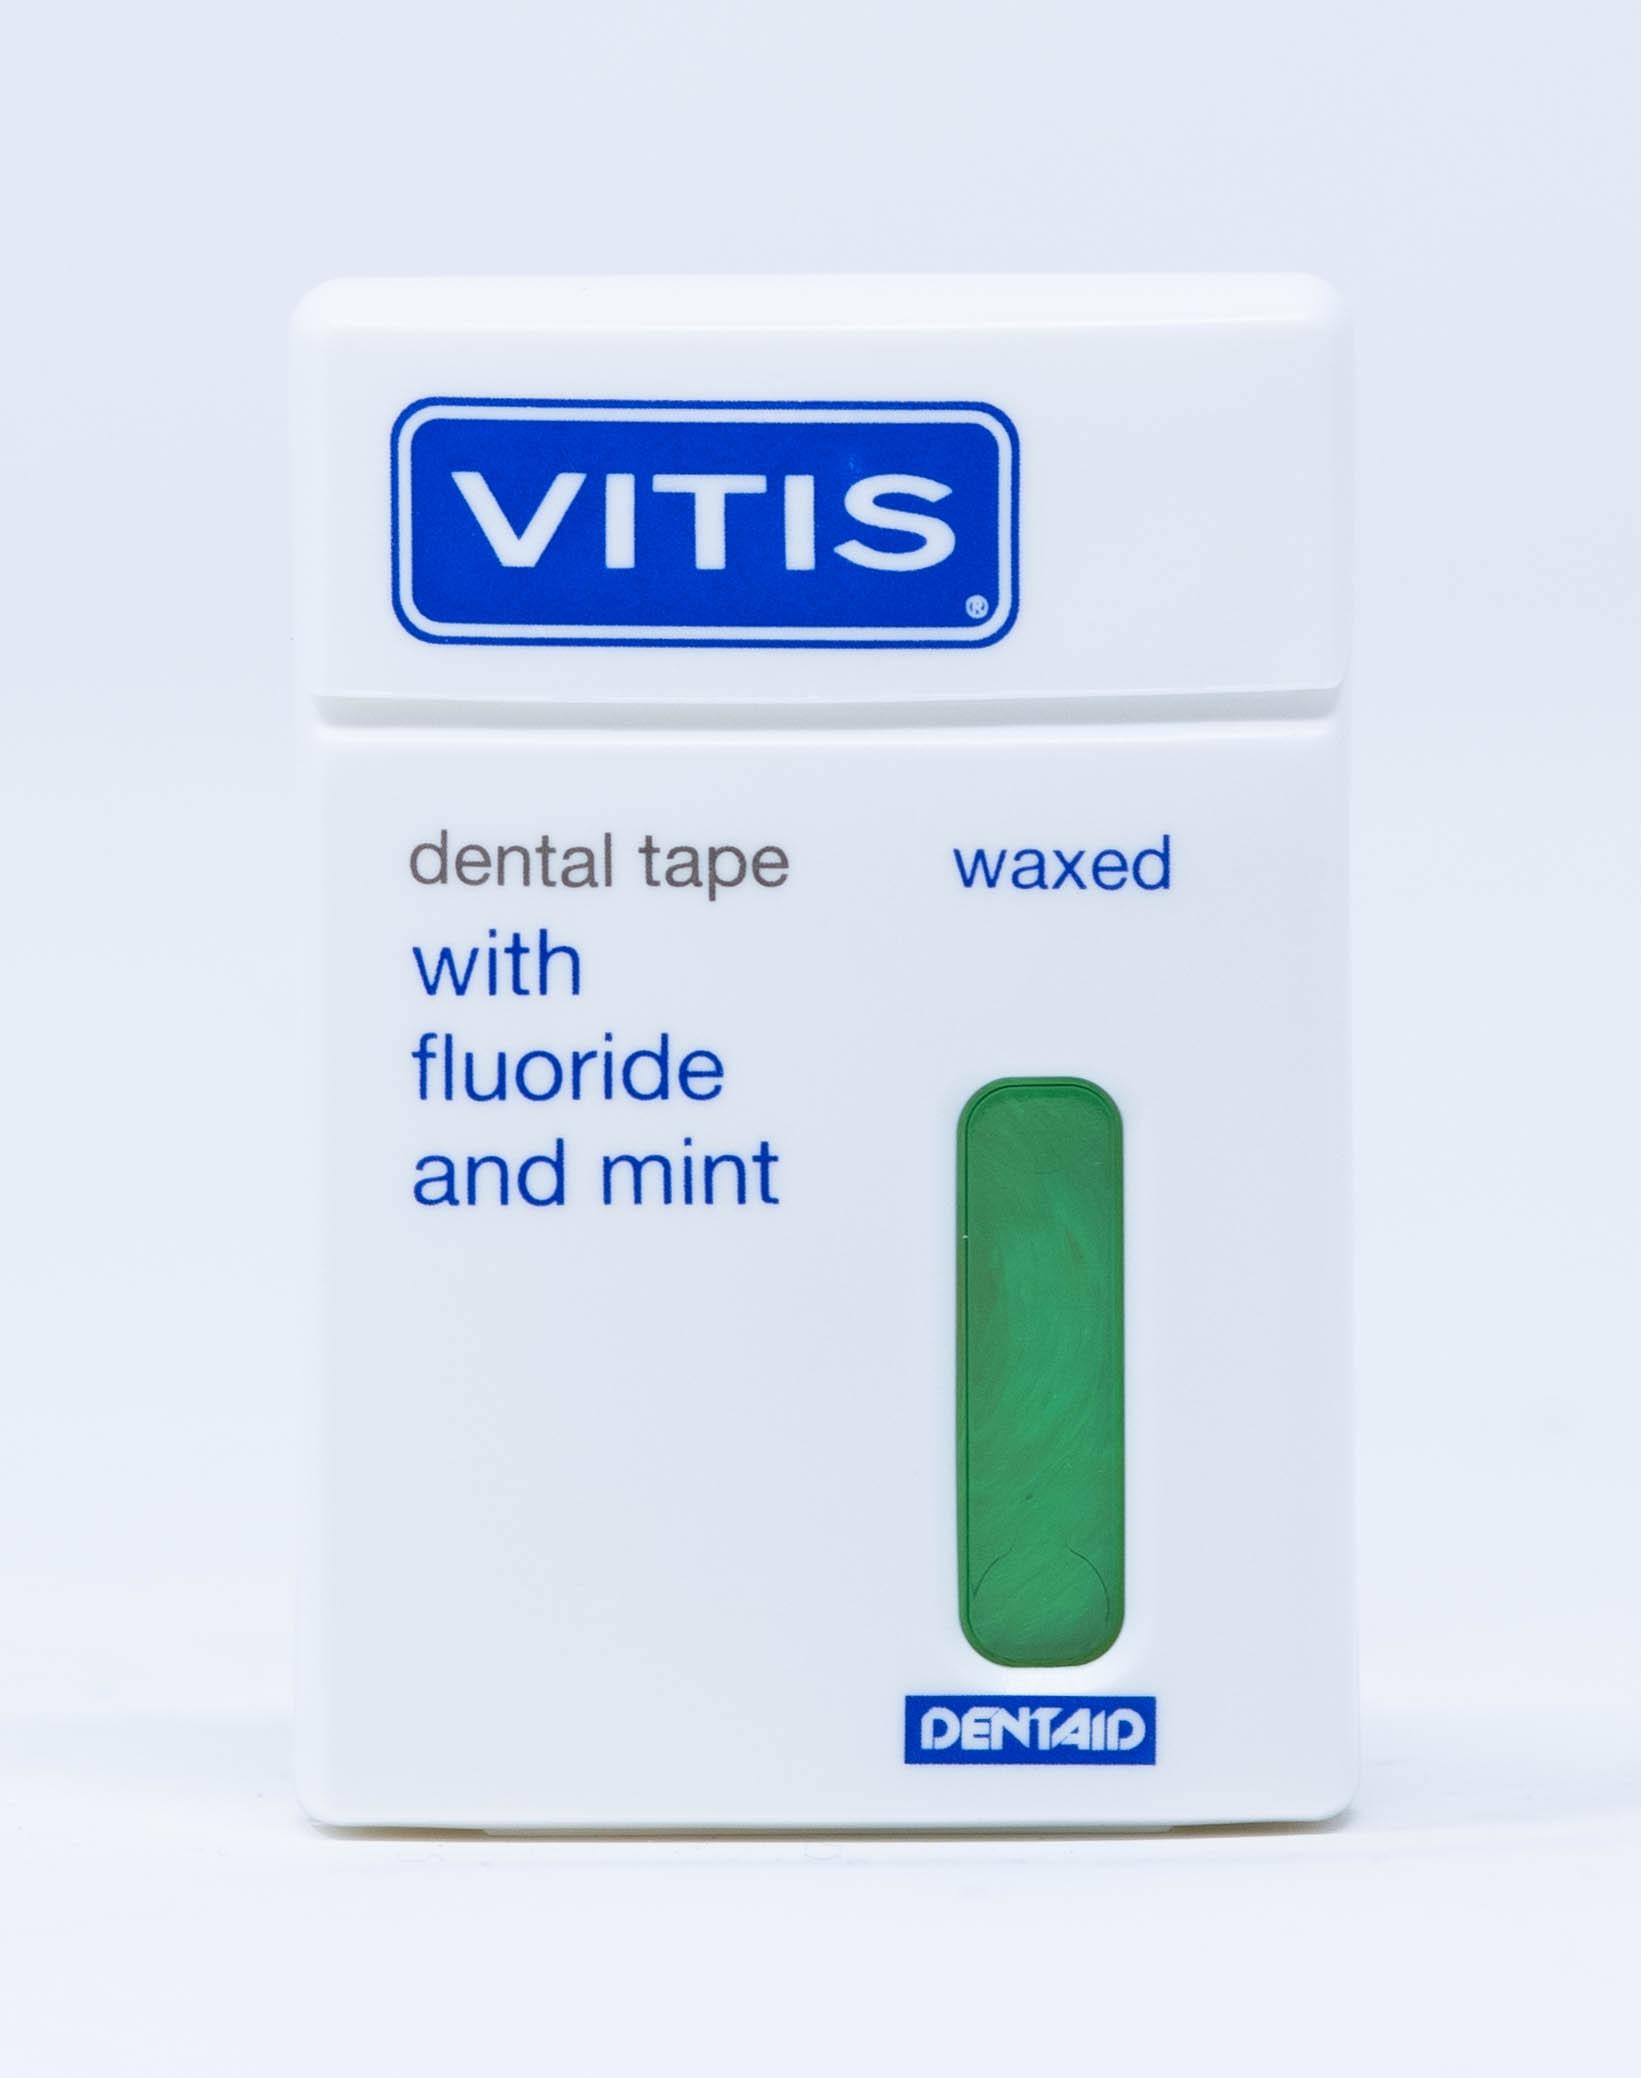 Dentaid Filo Interdentale Vitis Dental Tape Con Cera Fluoro e Menta - 50 m